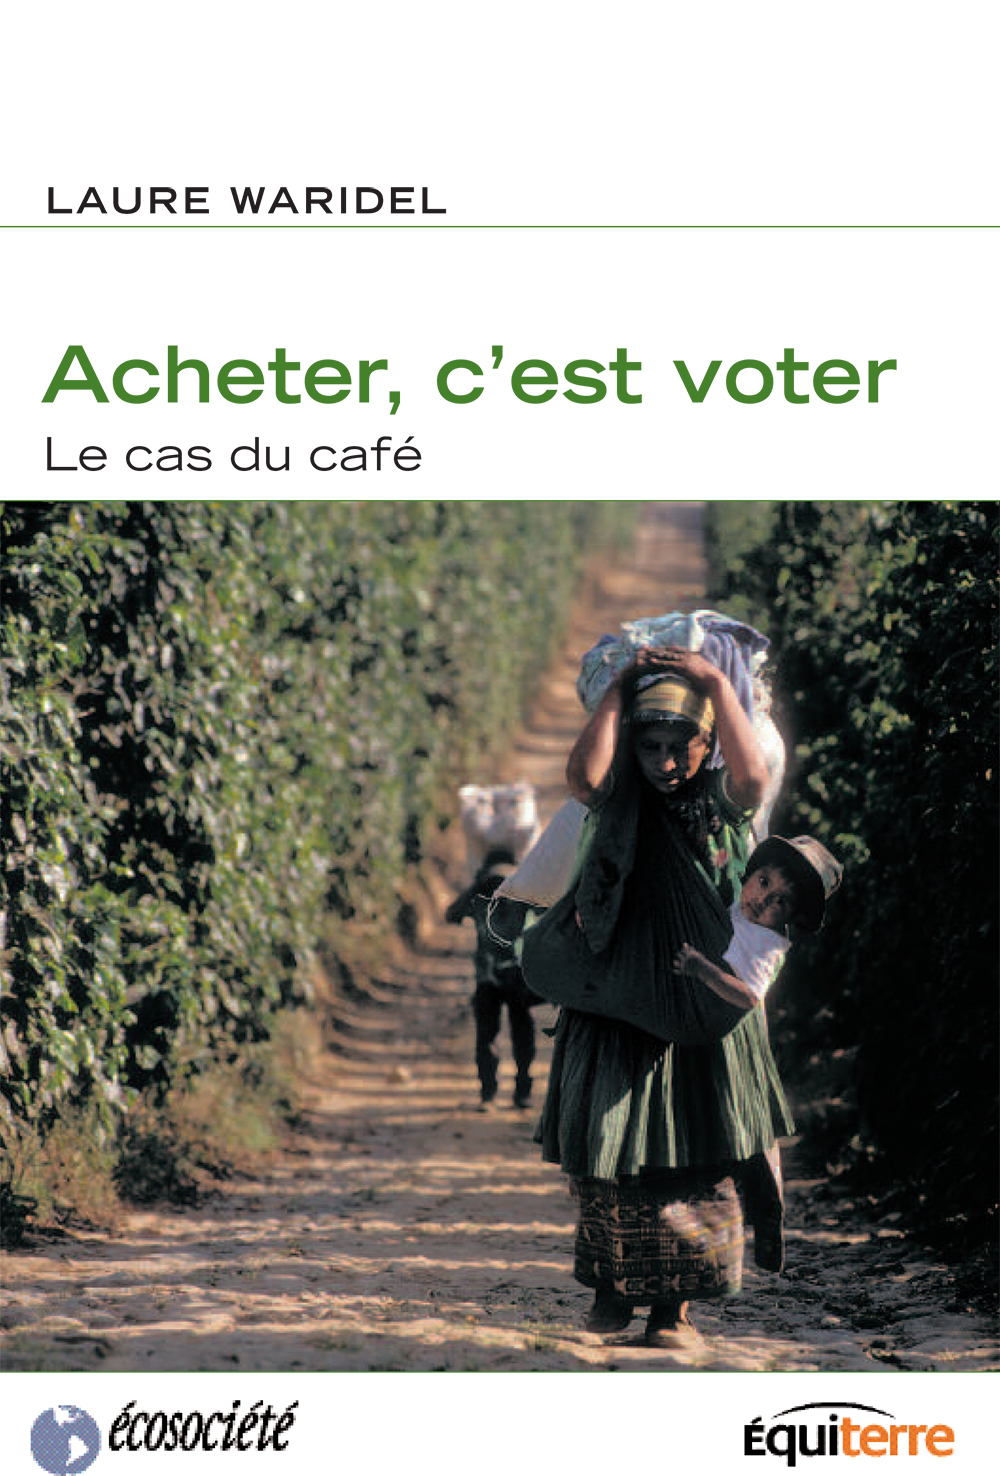 Acheter, c'est voter, Le cas du café